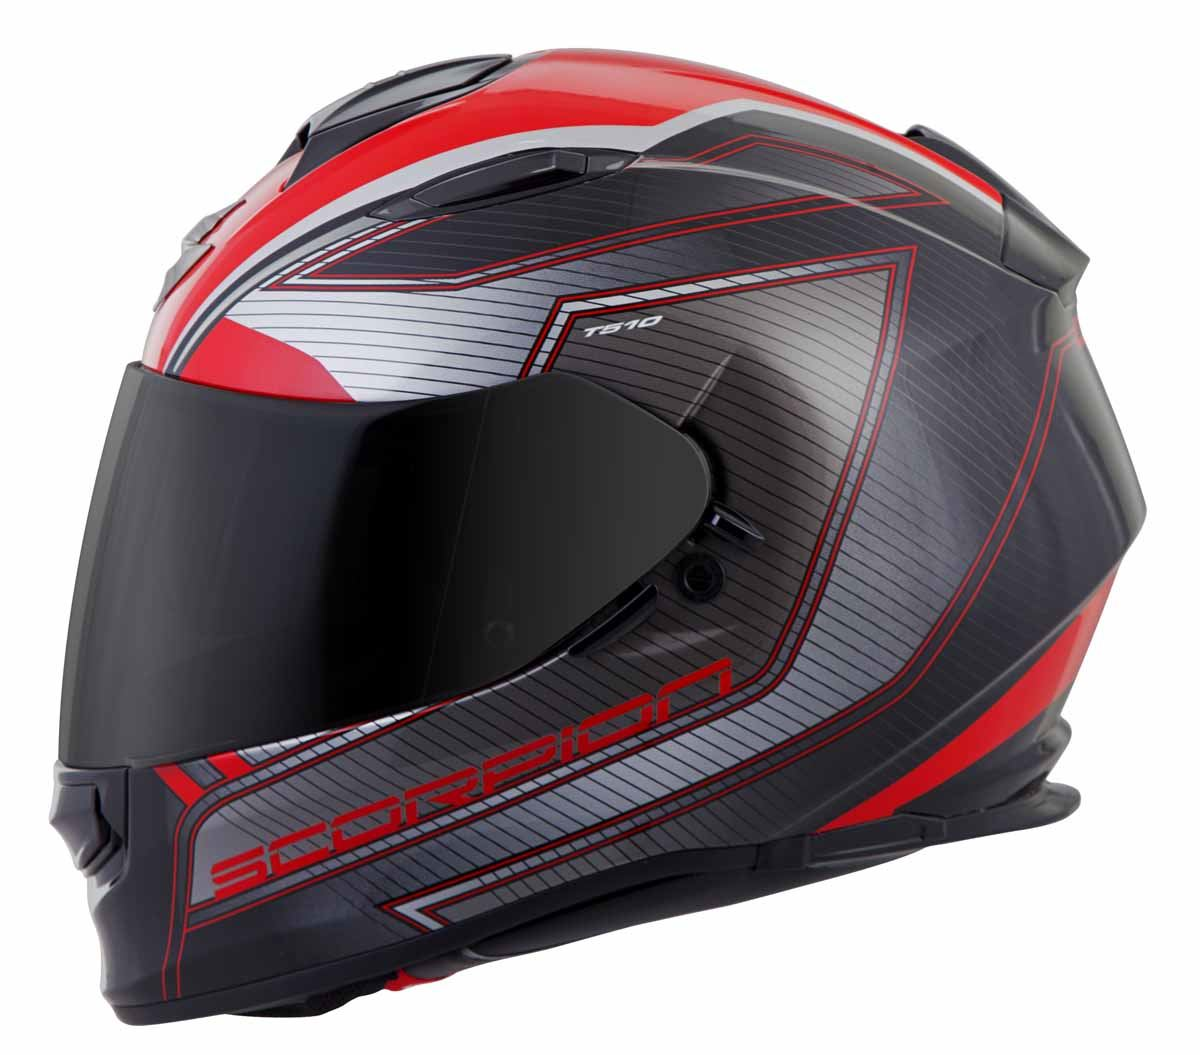 Scorpion-EXO-T510-Helmet-Full-Face-DOT-Approved-Inner-Sun-Shield miniature 22